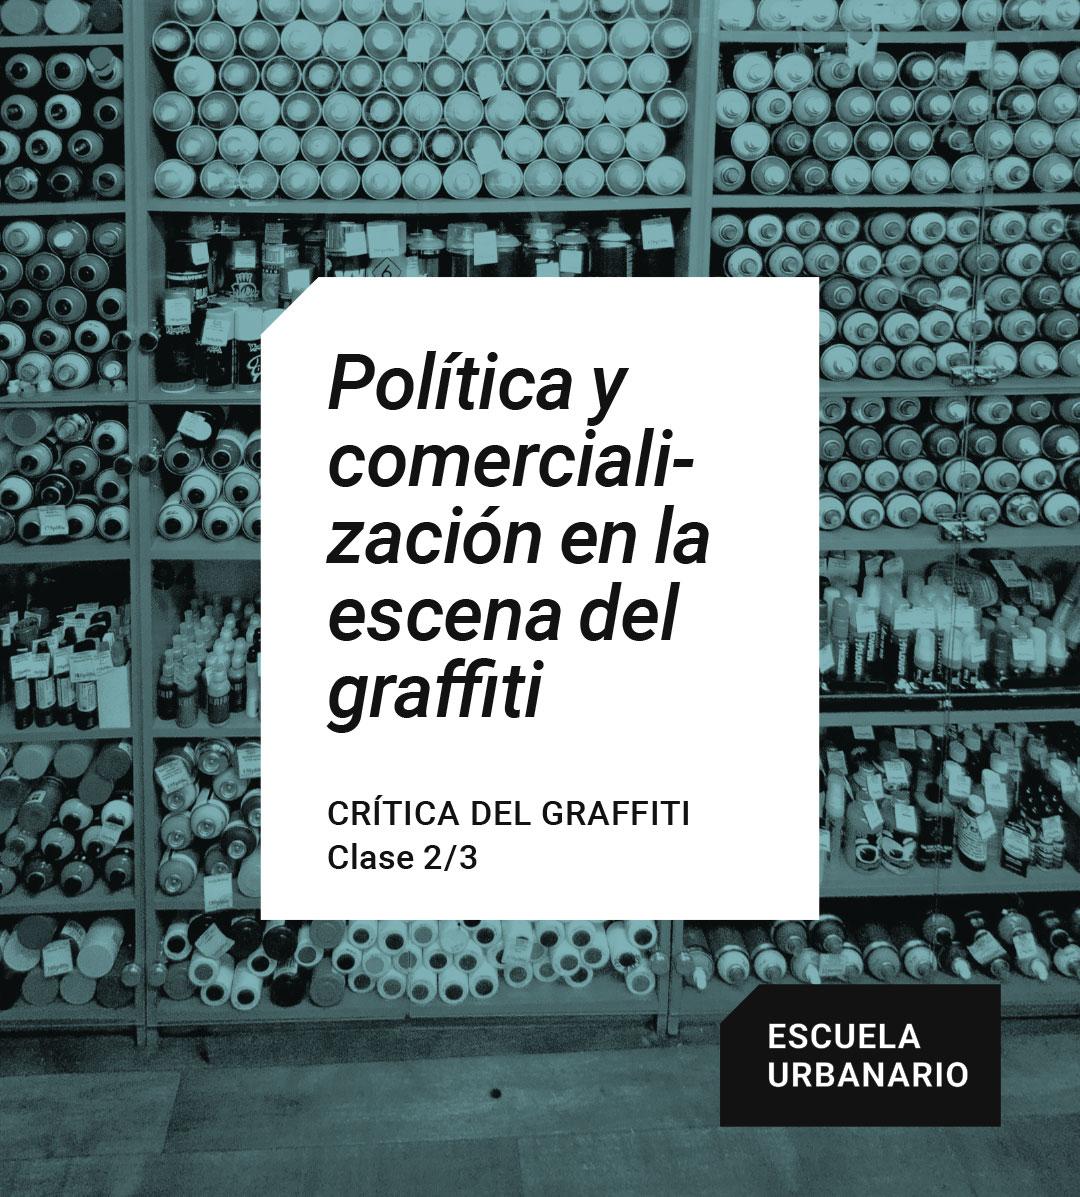 Política y comercialización del graffiti - Escuela Urbanario